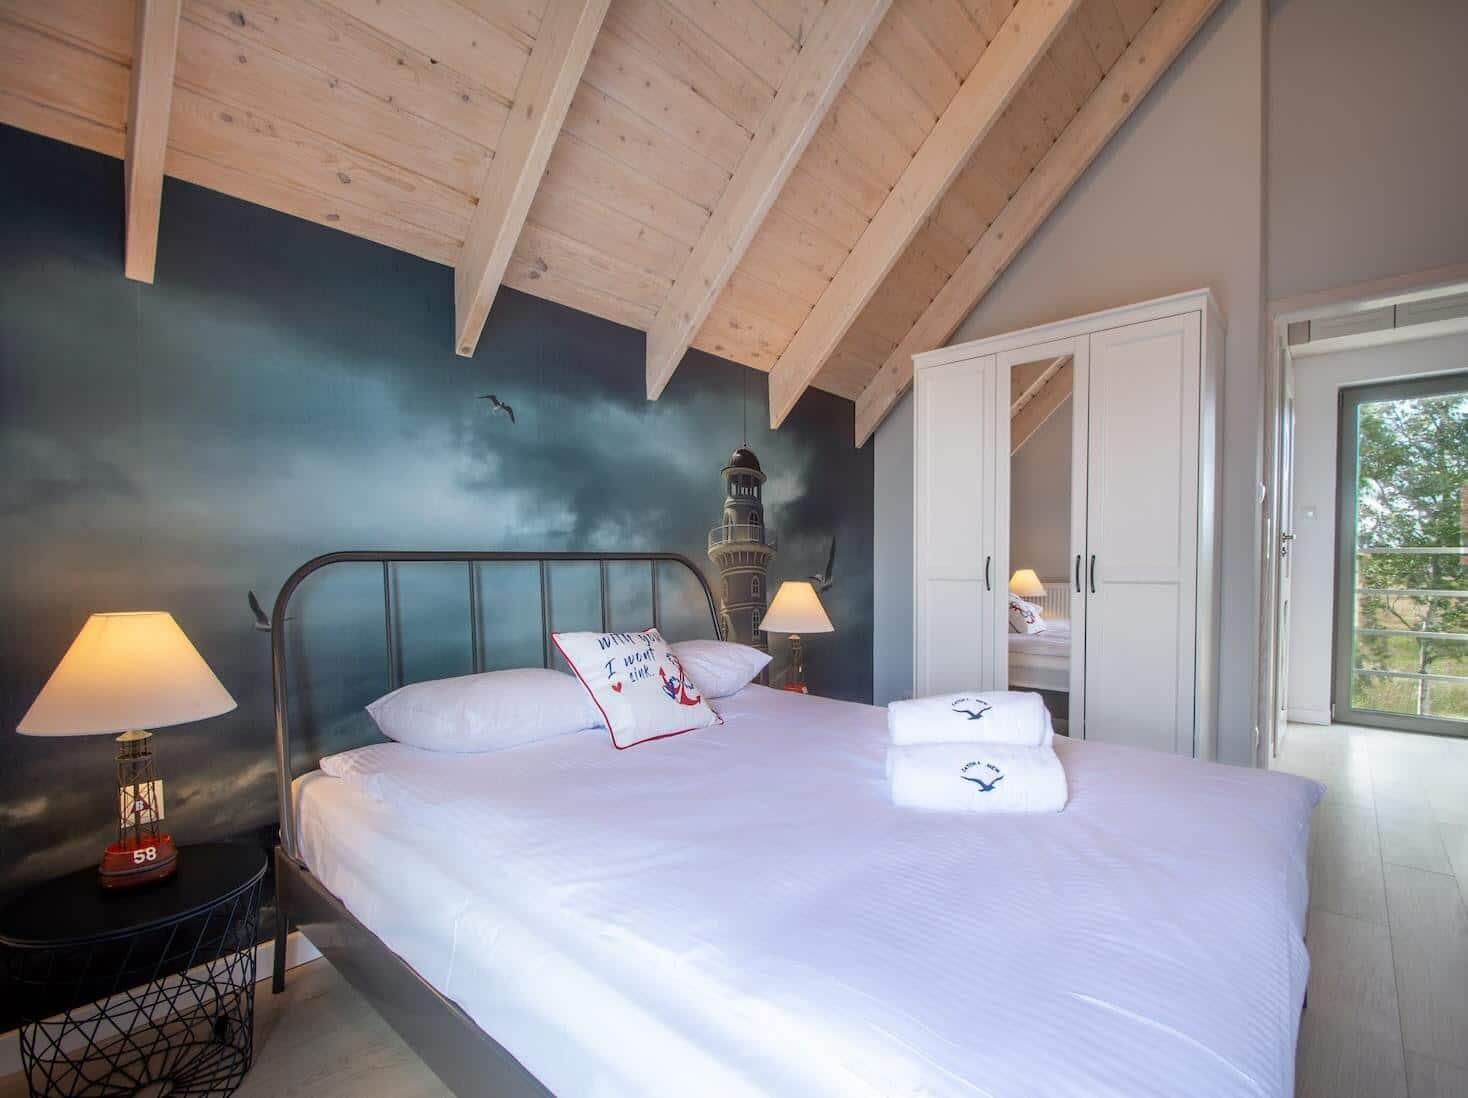 sypialnia na poddaszu, domek letniskowy do wynajęcia, łóżko metalowe szare, biała szafa